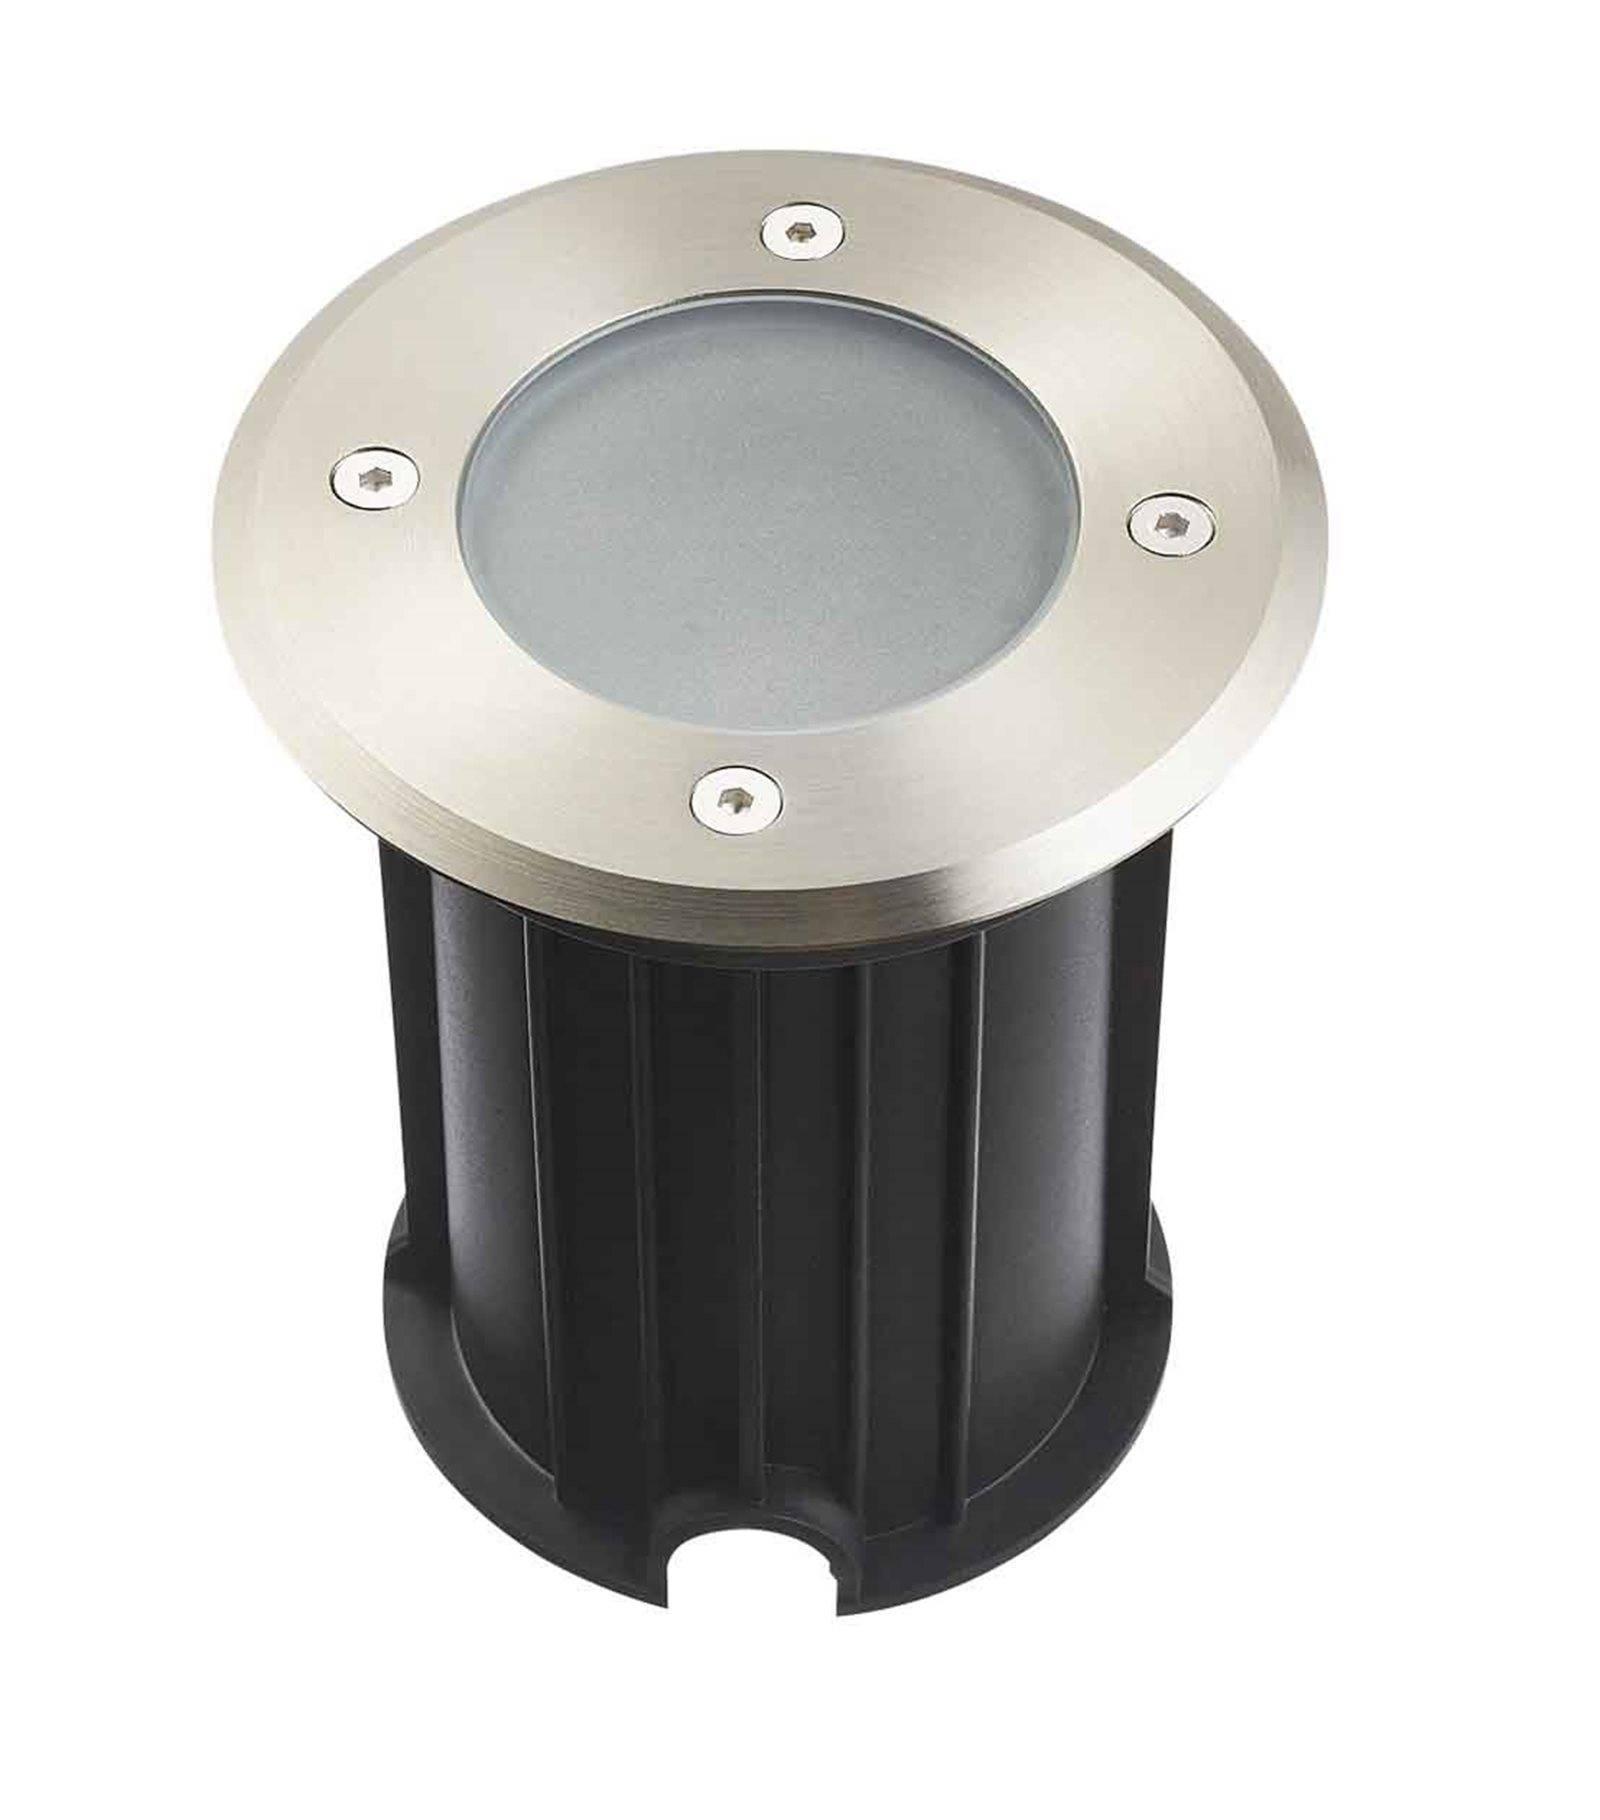 Spot exterieur encastrable orientable free spot for Spot exterieur encastrable orientable